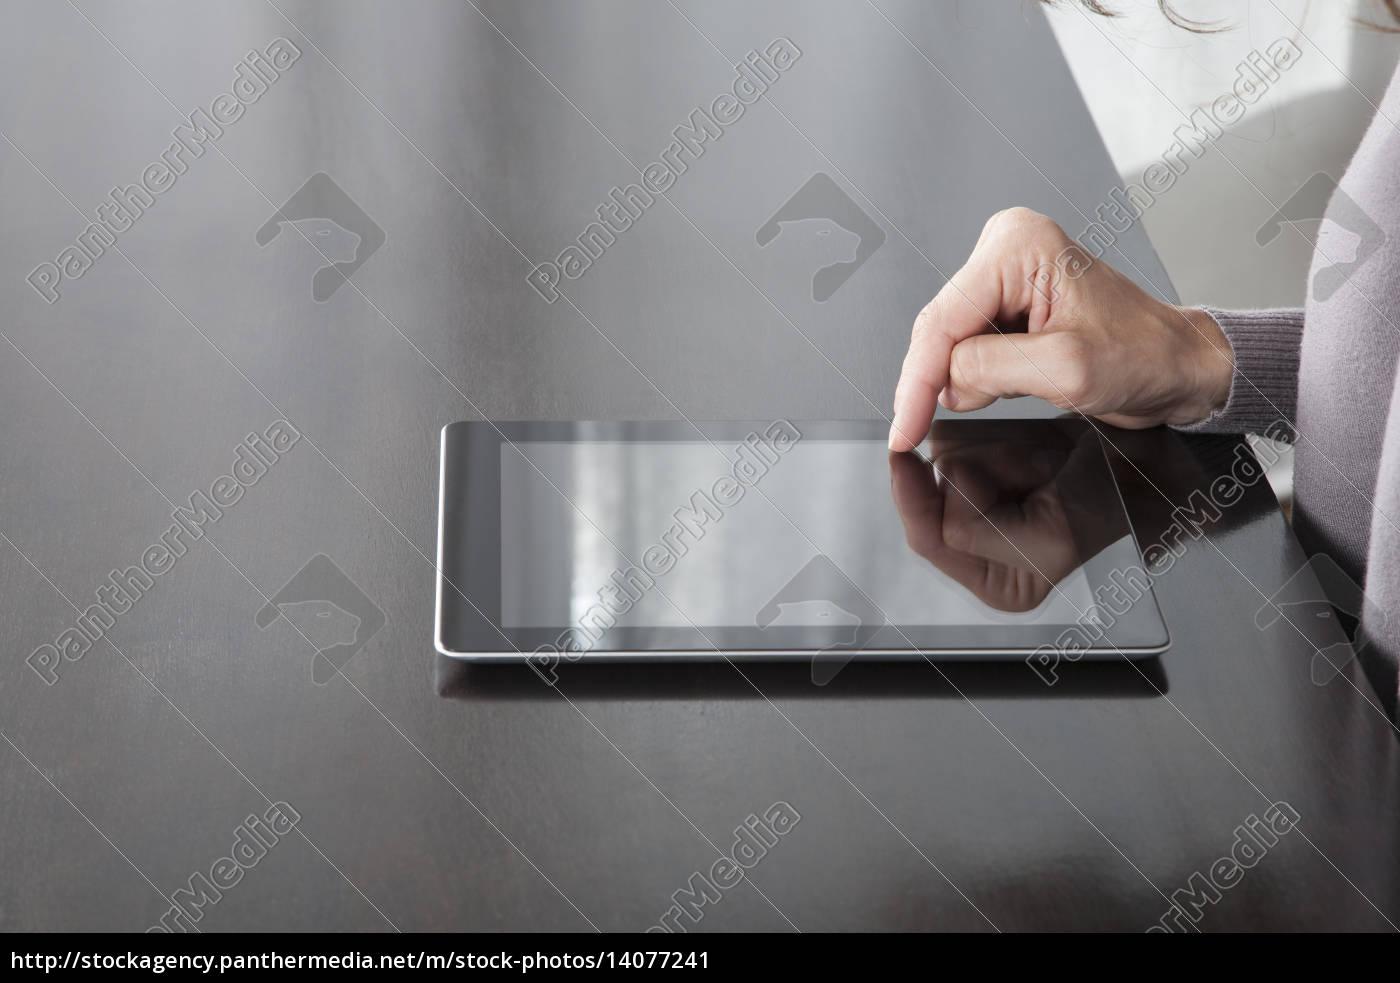 finger, on, tablet, screen - 14077241